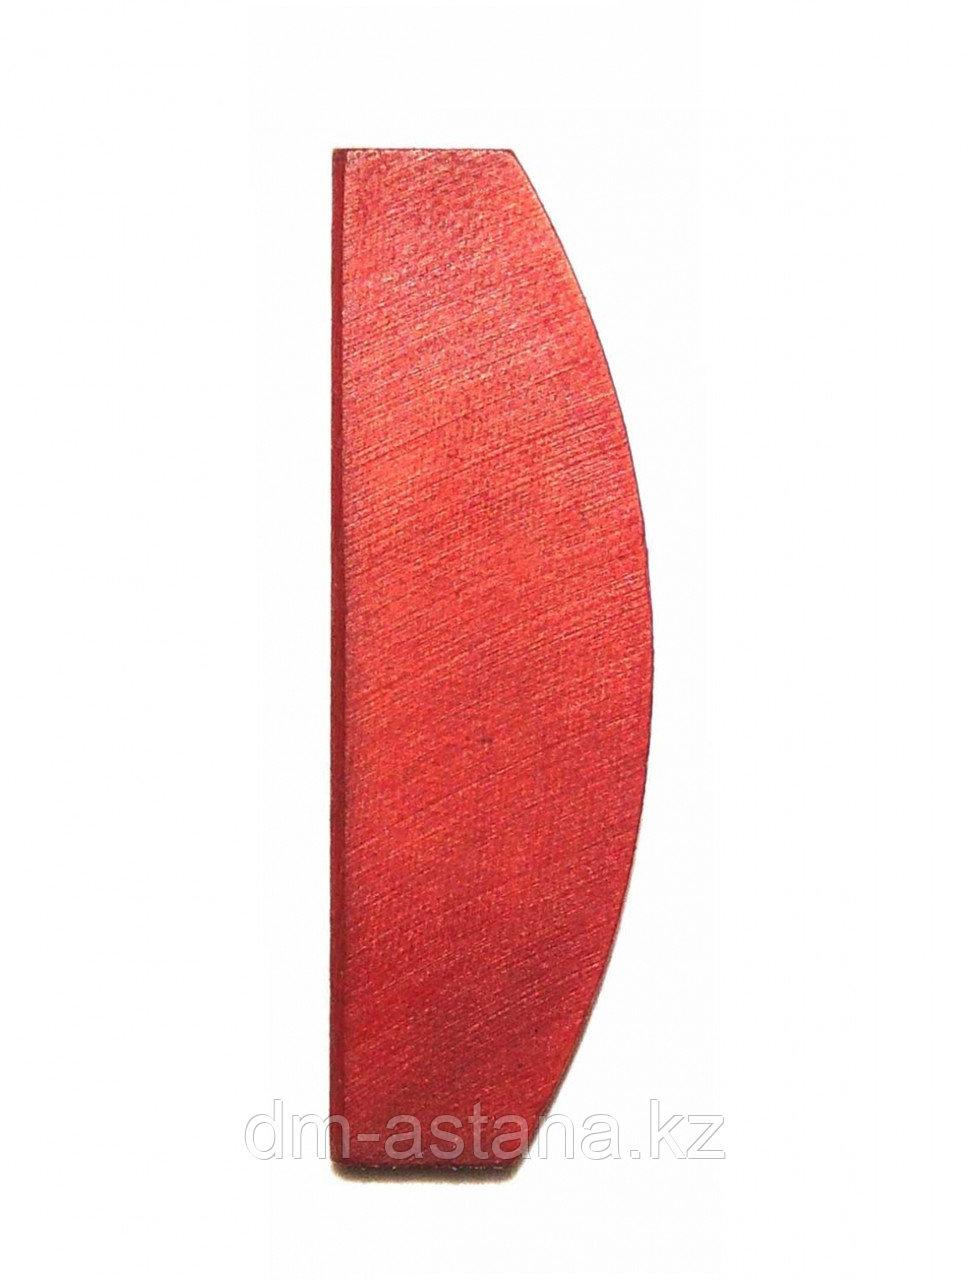 Лепесток ротора NORDBERG NP14085-19 для гайковерта NORDBERG NP14085